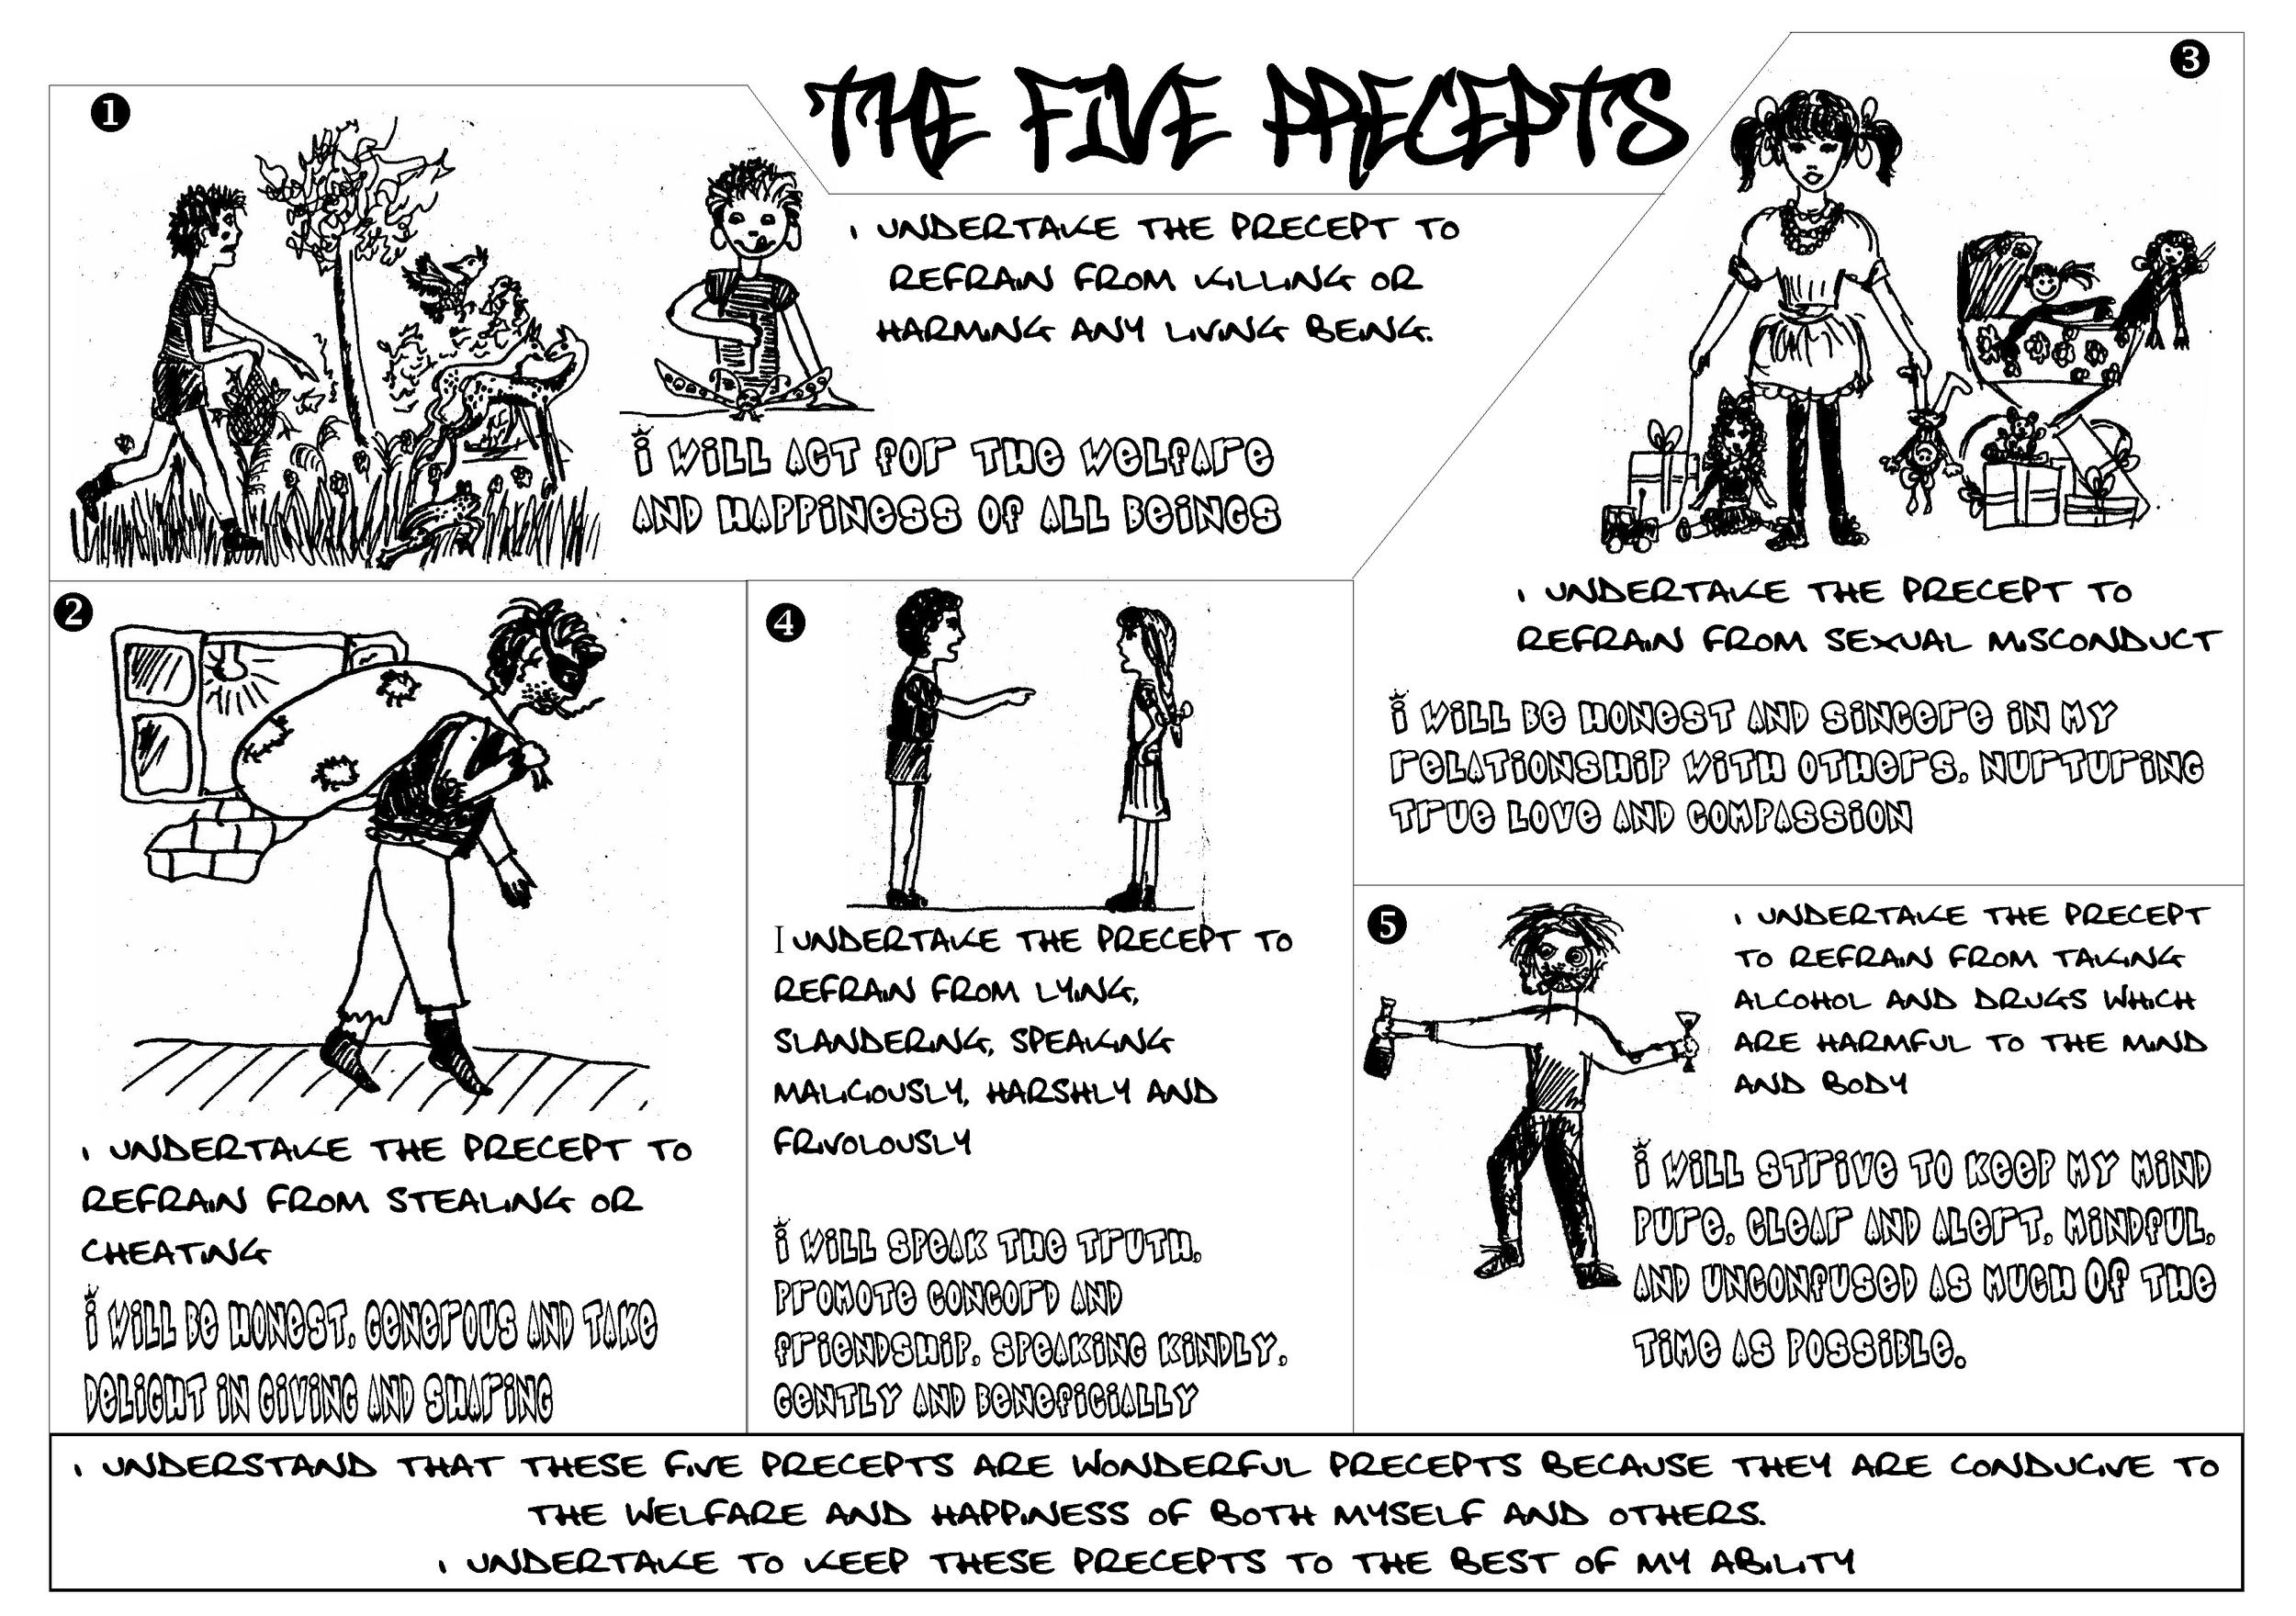 five precepts flyer